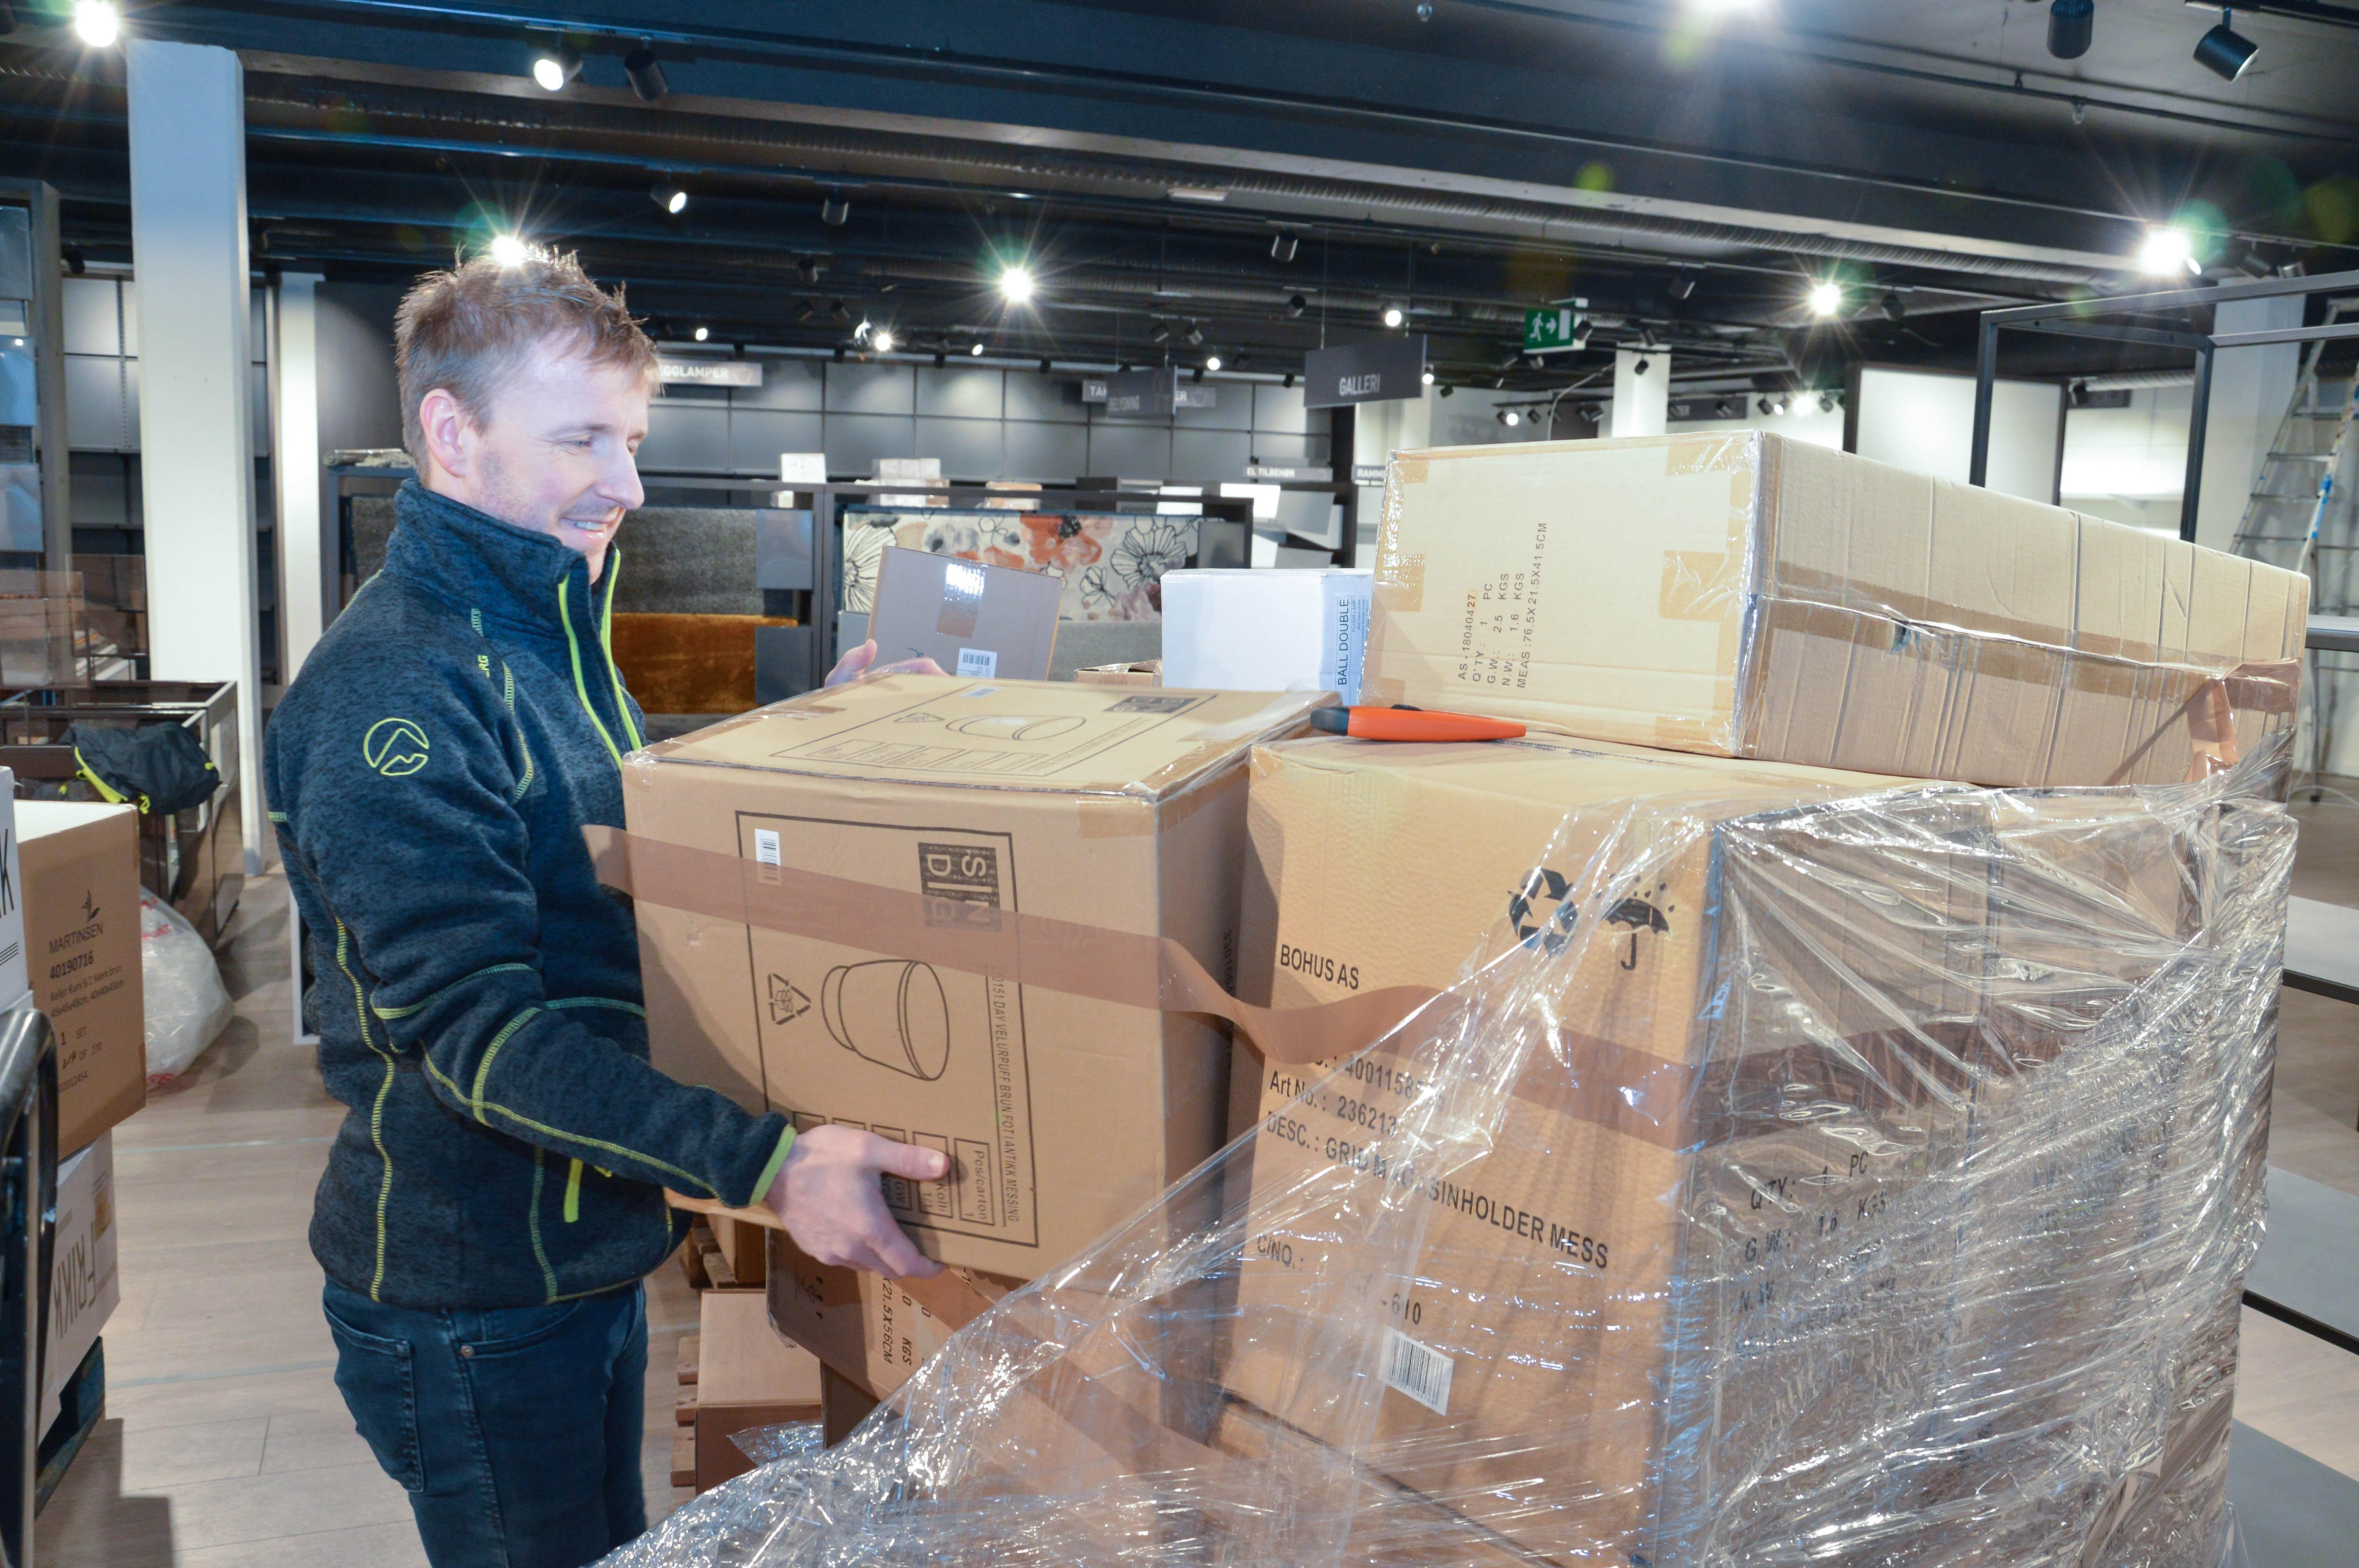 Salgsleder interiør Kenth Westermann sorterer eske for eske til riktig område.